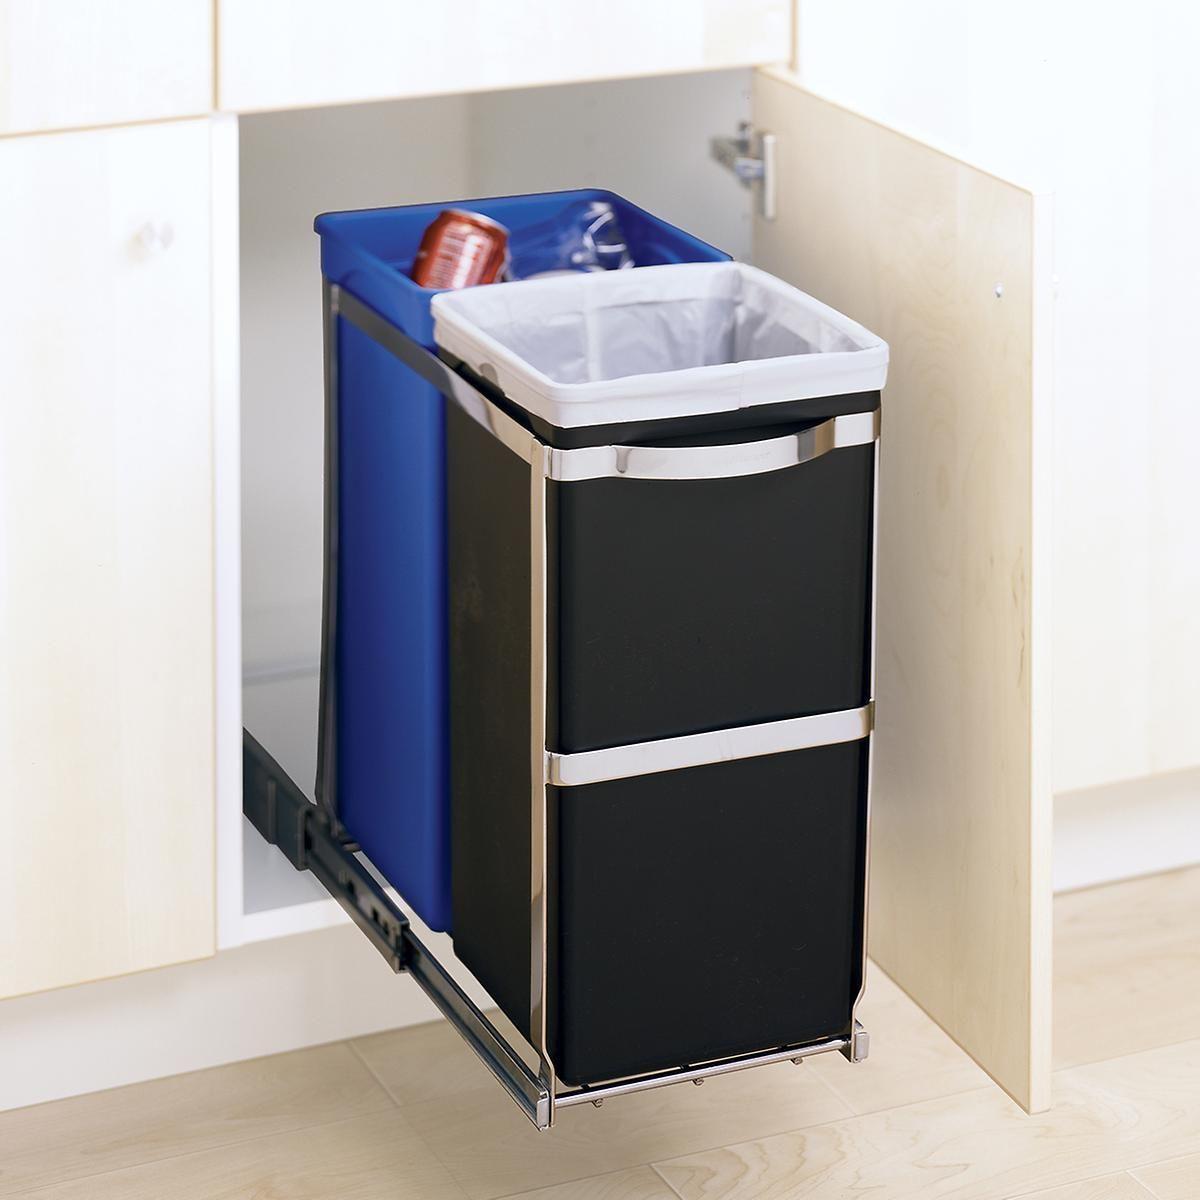 Simplehuman 9 2 Gal 2 Bin Pull Out Recycle Bin In 2020 Kitchen Trash Cans Pull Out Trash Cans Trash Can